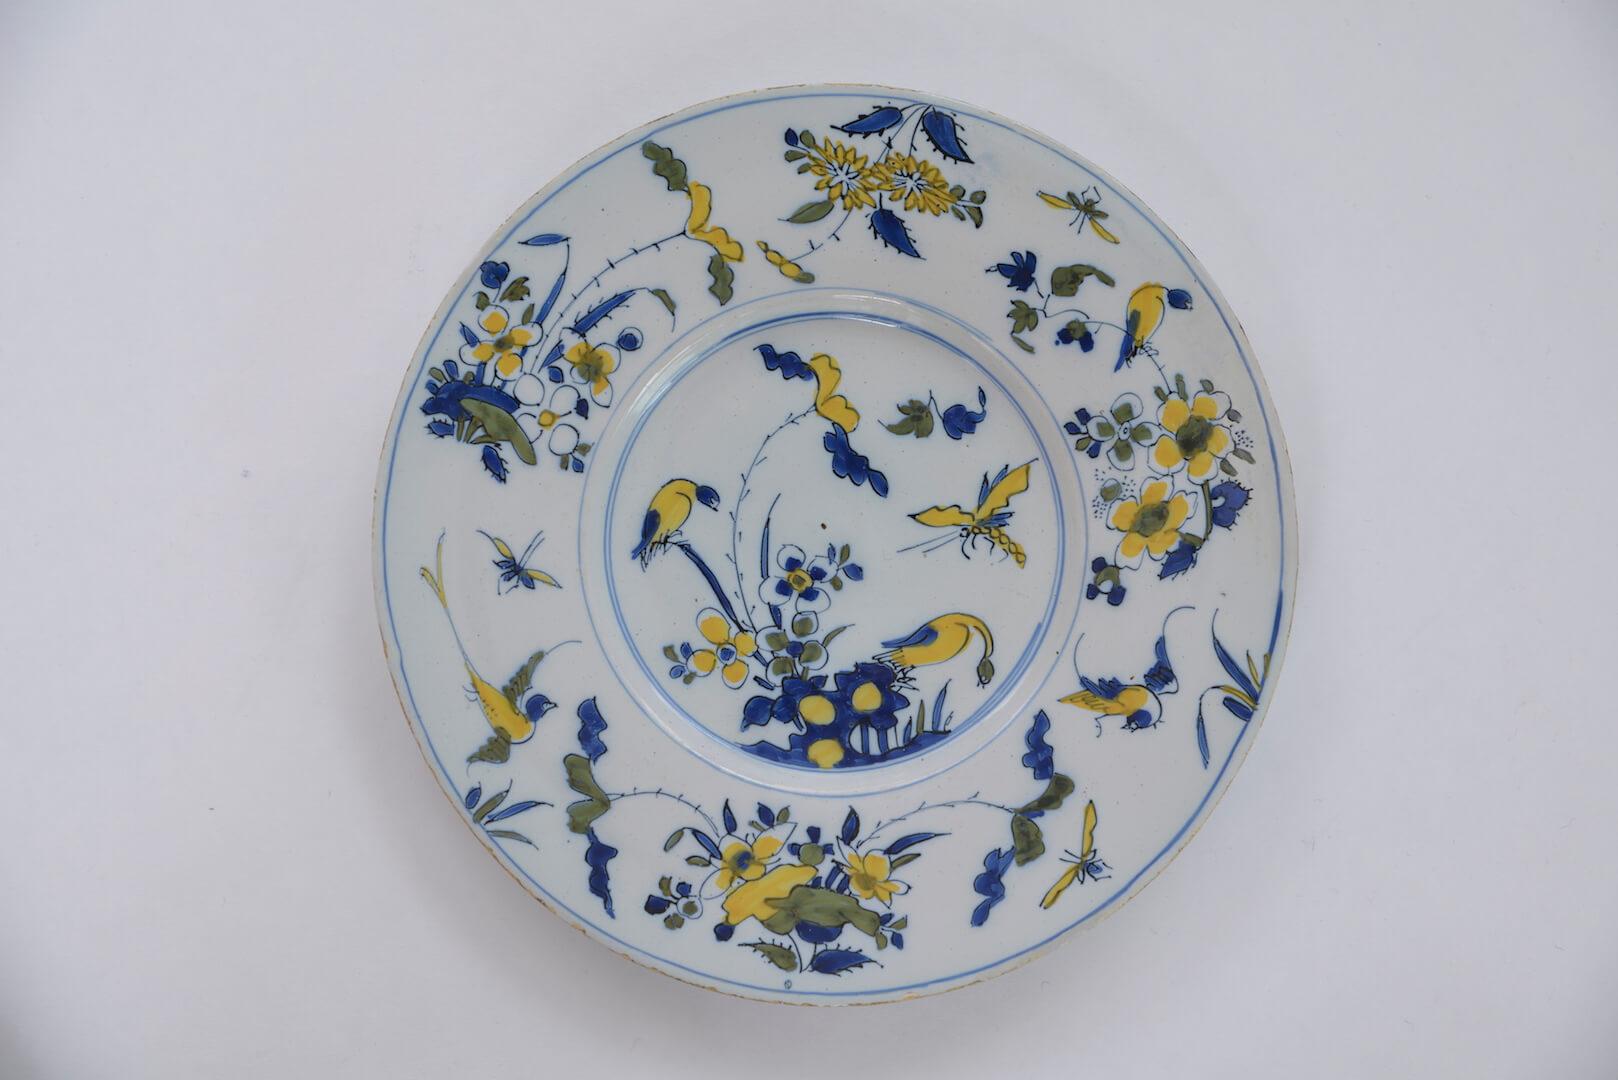 Polychrome plate De Paauw factory